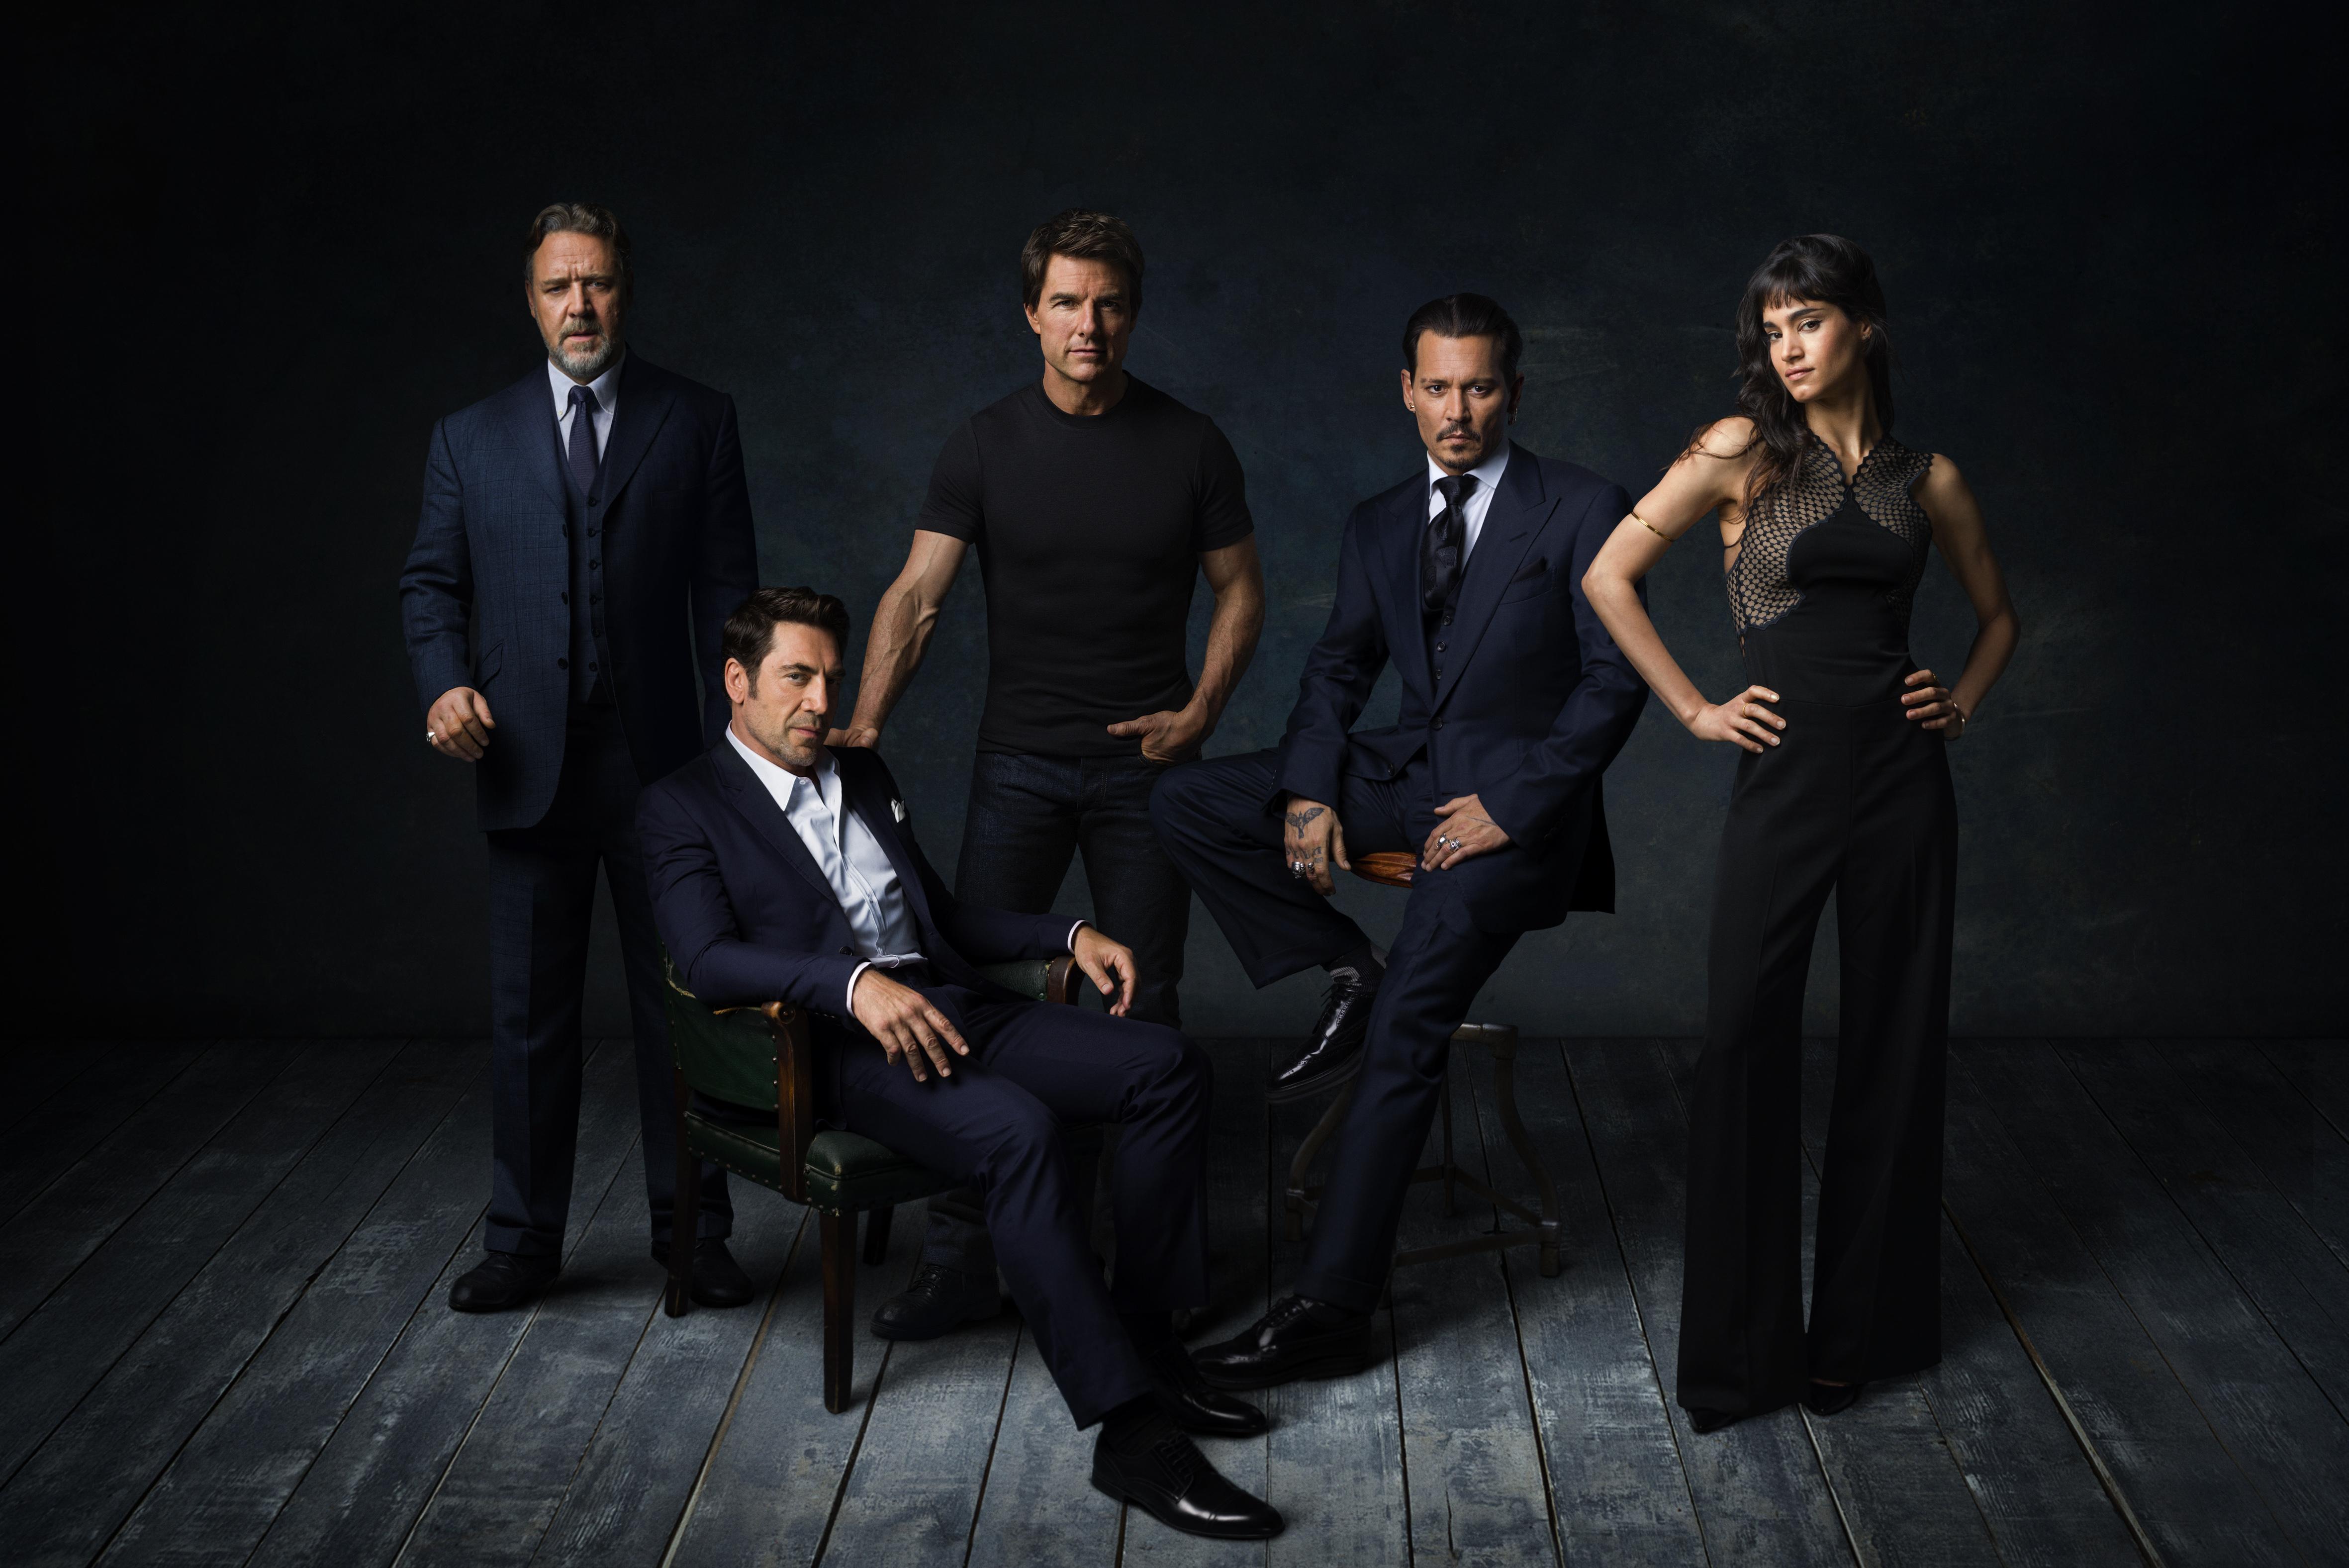 Il primo film Dark Universe sarà La Mummia con Tom Cruise, Russell Crowe e Sofia Boutella